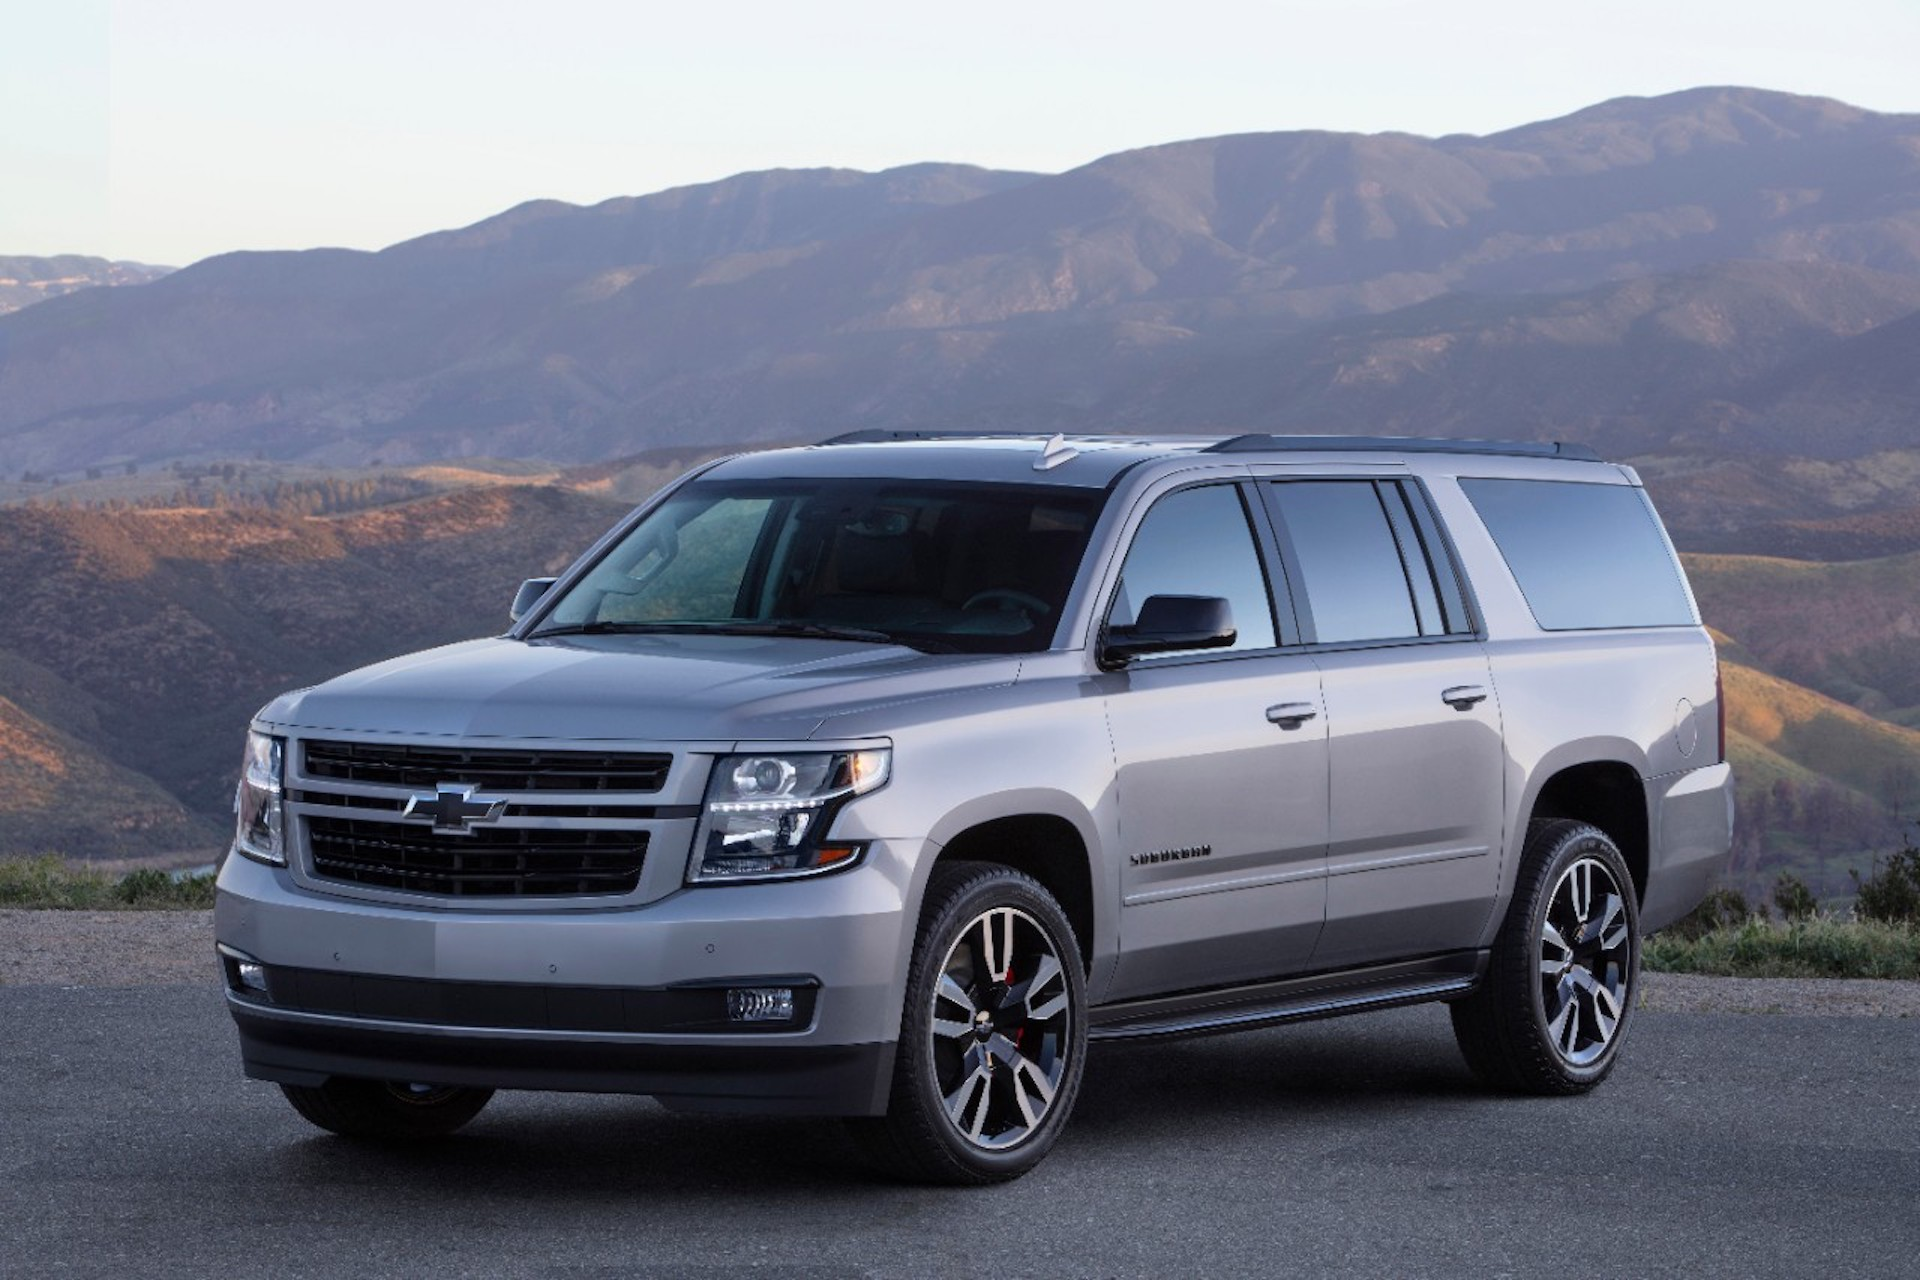 2019 Chevrolet Suburban RST to offer 420-hp 6.2-liter V-8